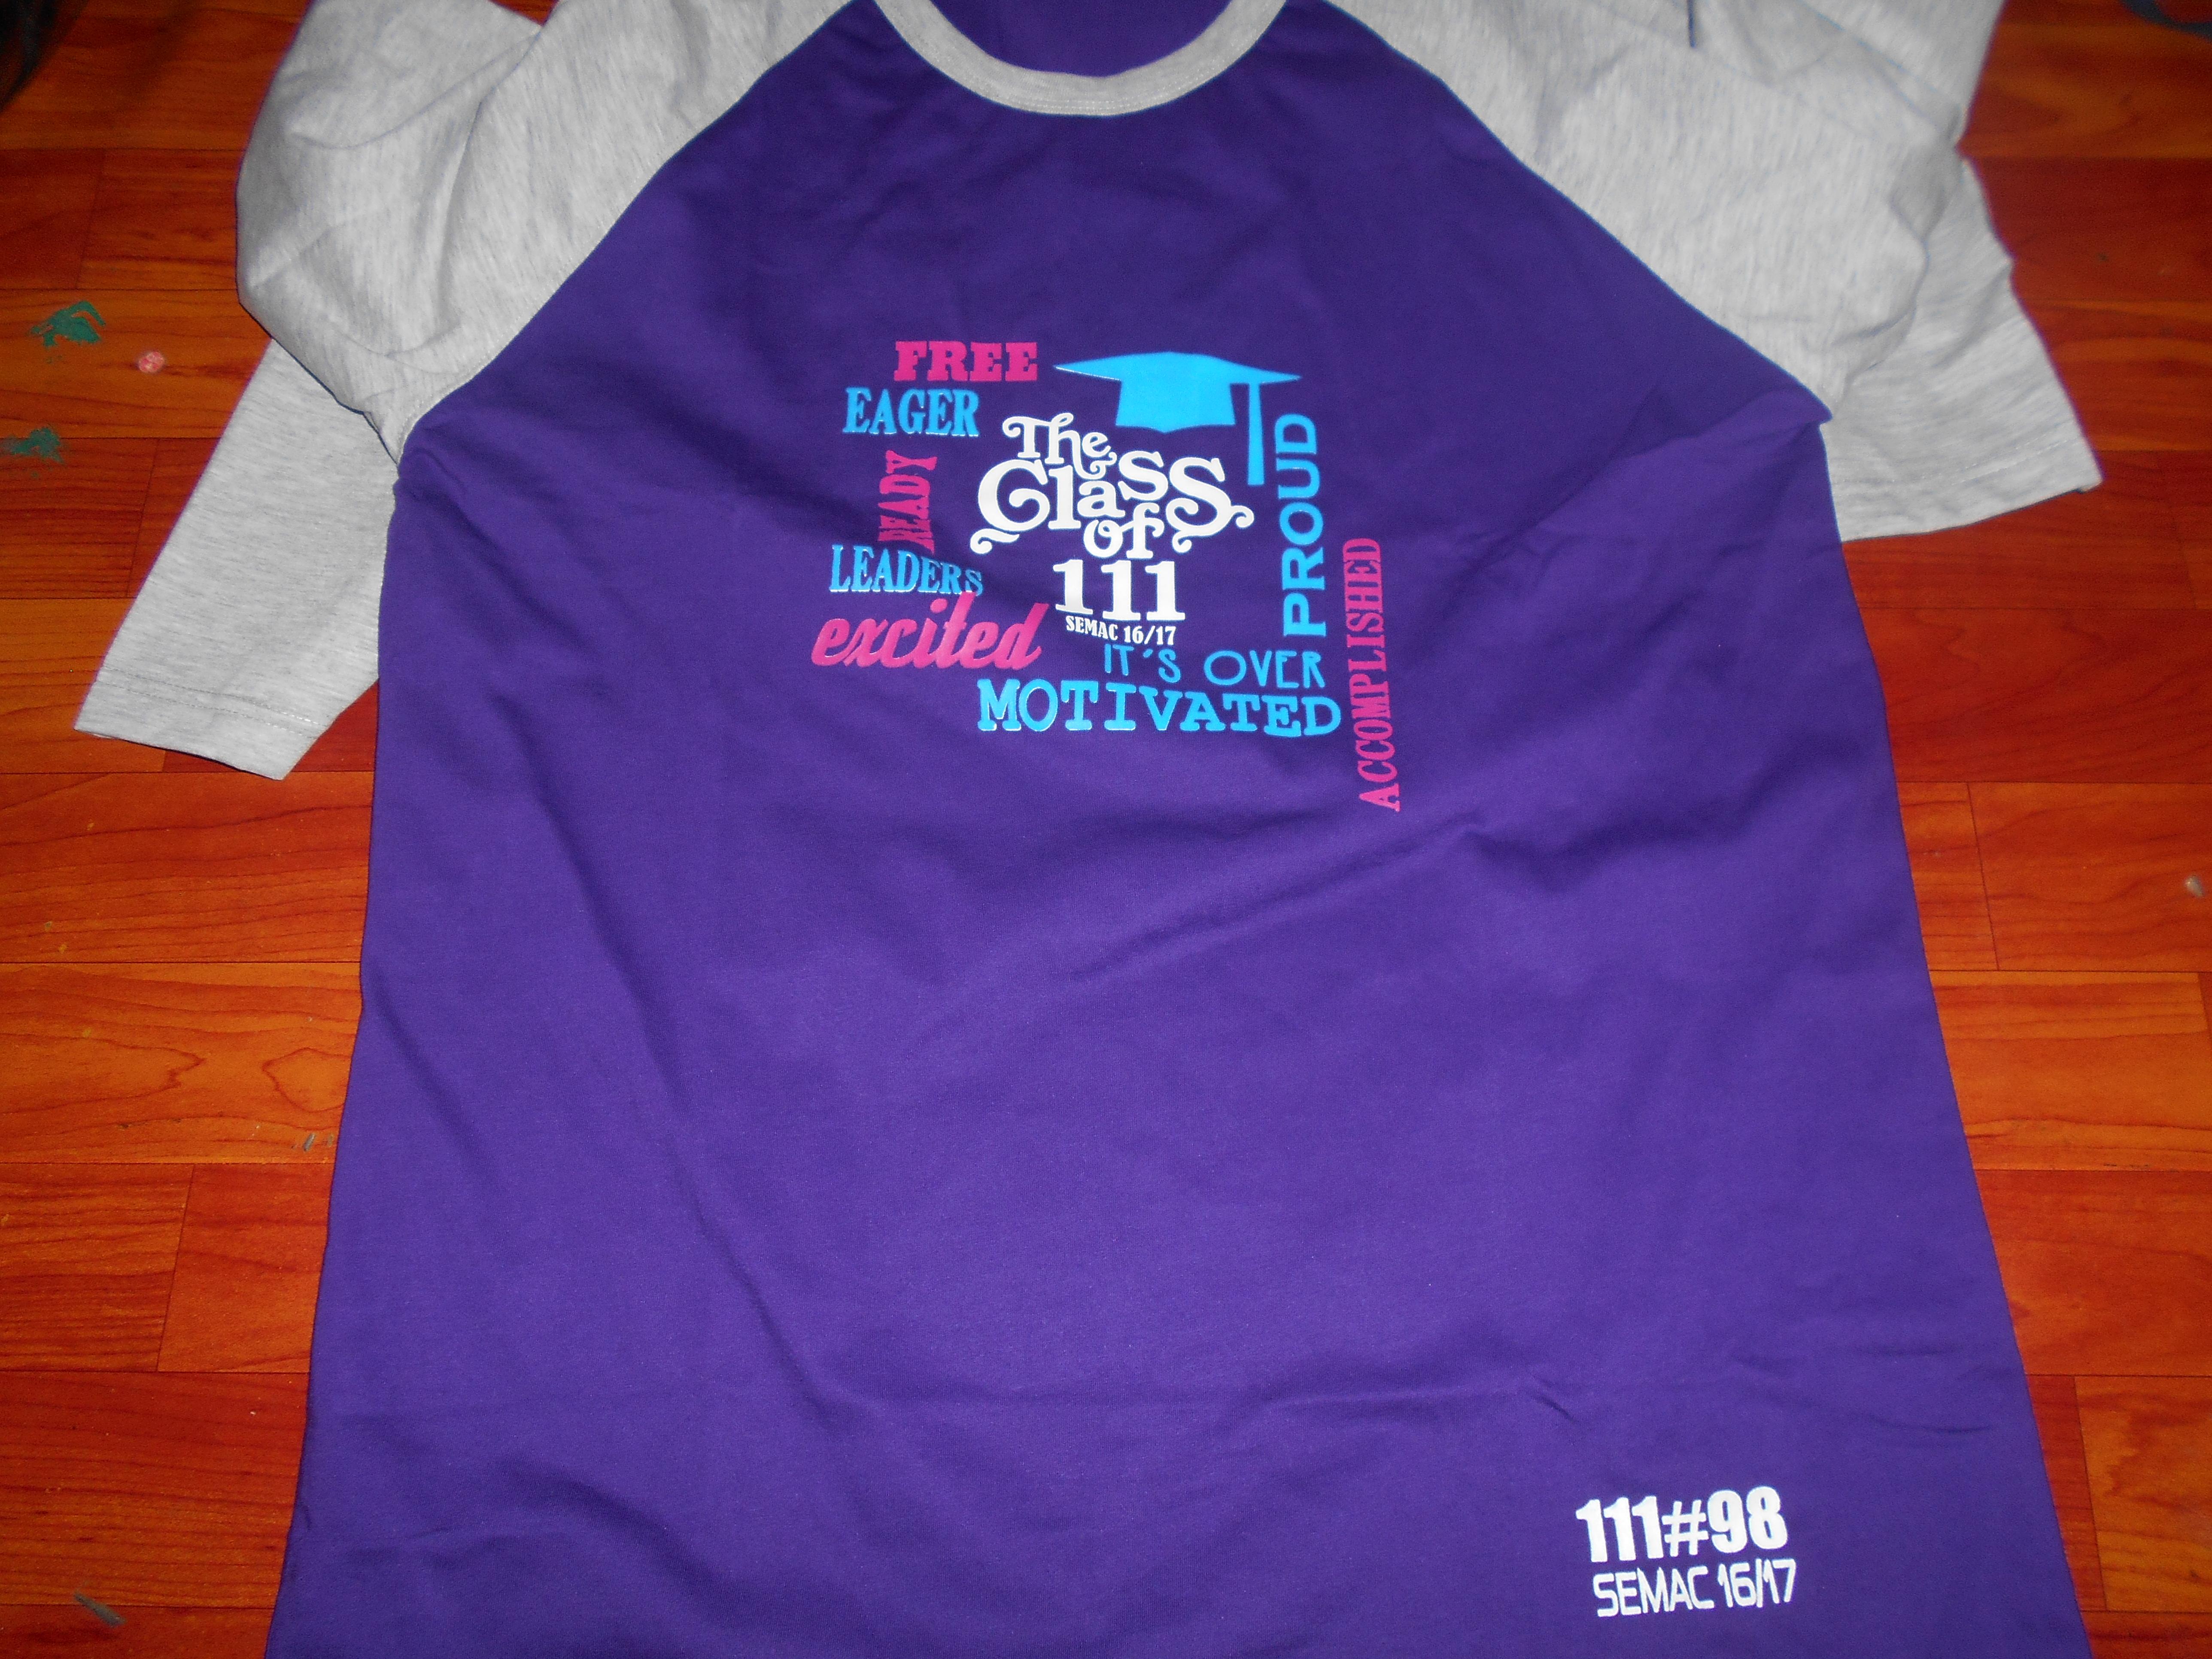 Contoh design tshirt kelas - Tshirt Kelas